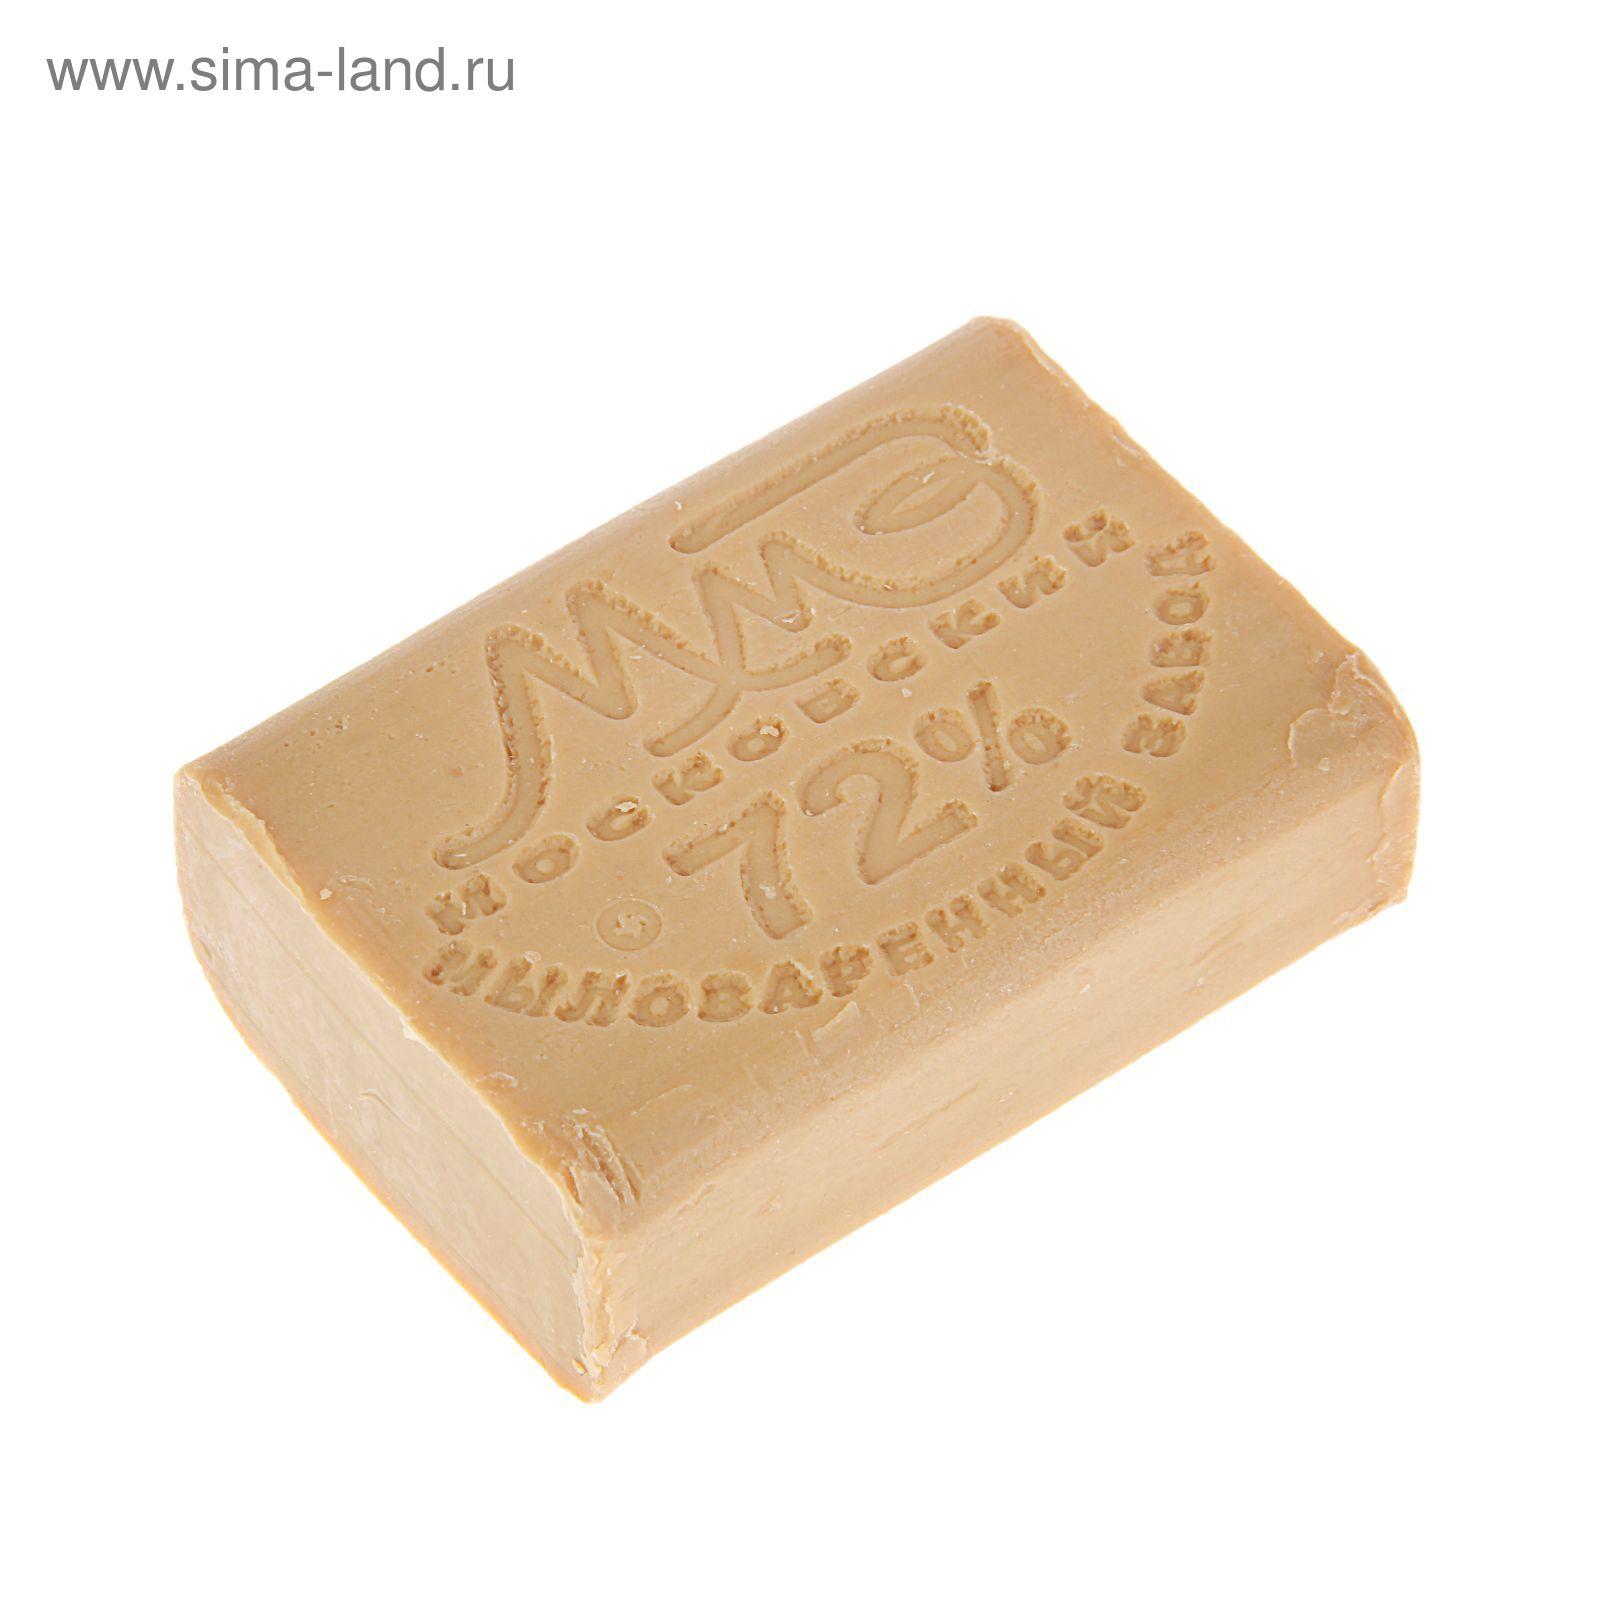 Хозяйственное мыло, 72 %, 250 грамм, гост 30266-95 бытовая химия.